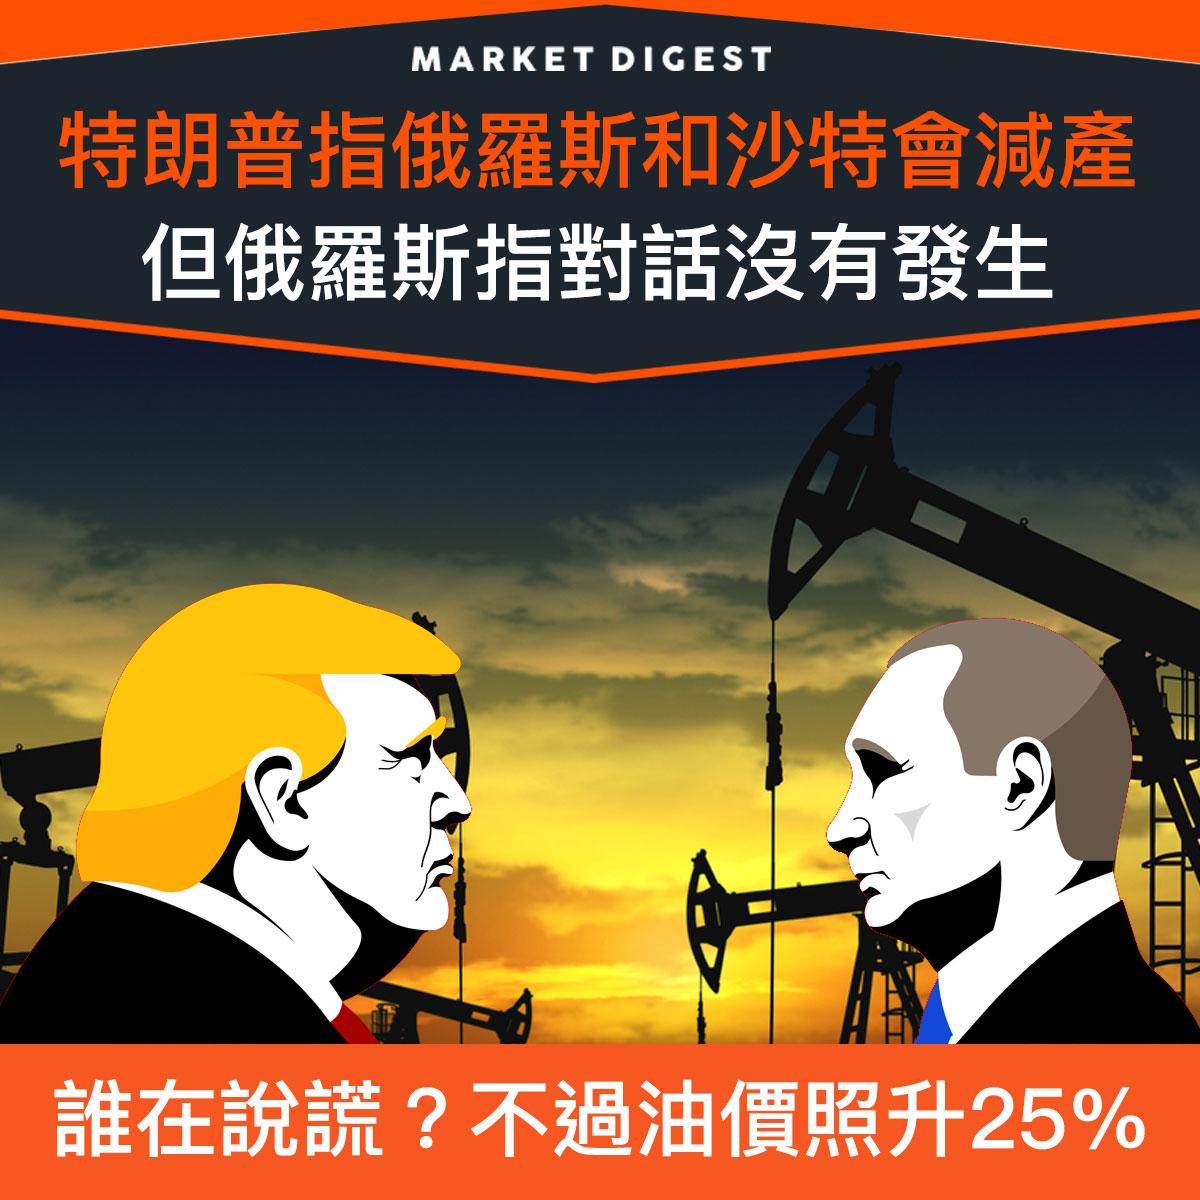 【市場熱話】特朗普指俄羅斯和沙特會減產,但俄羅斯指對話沒有發生